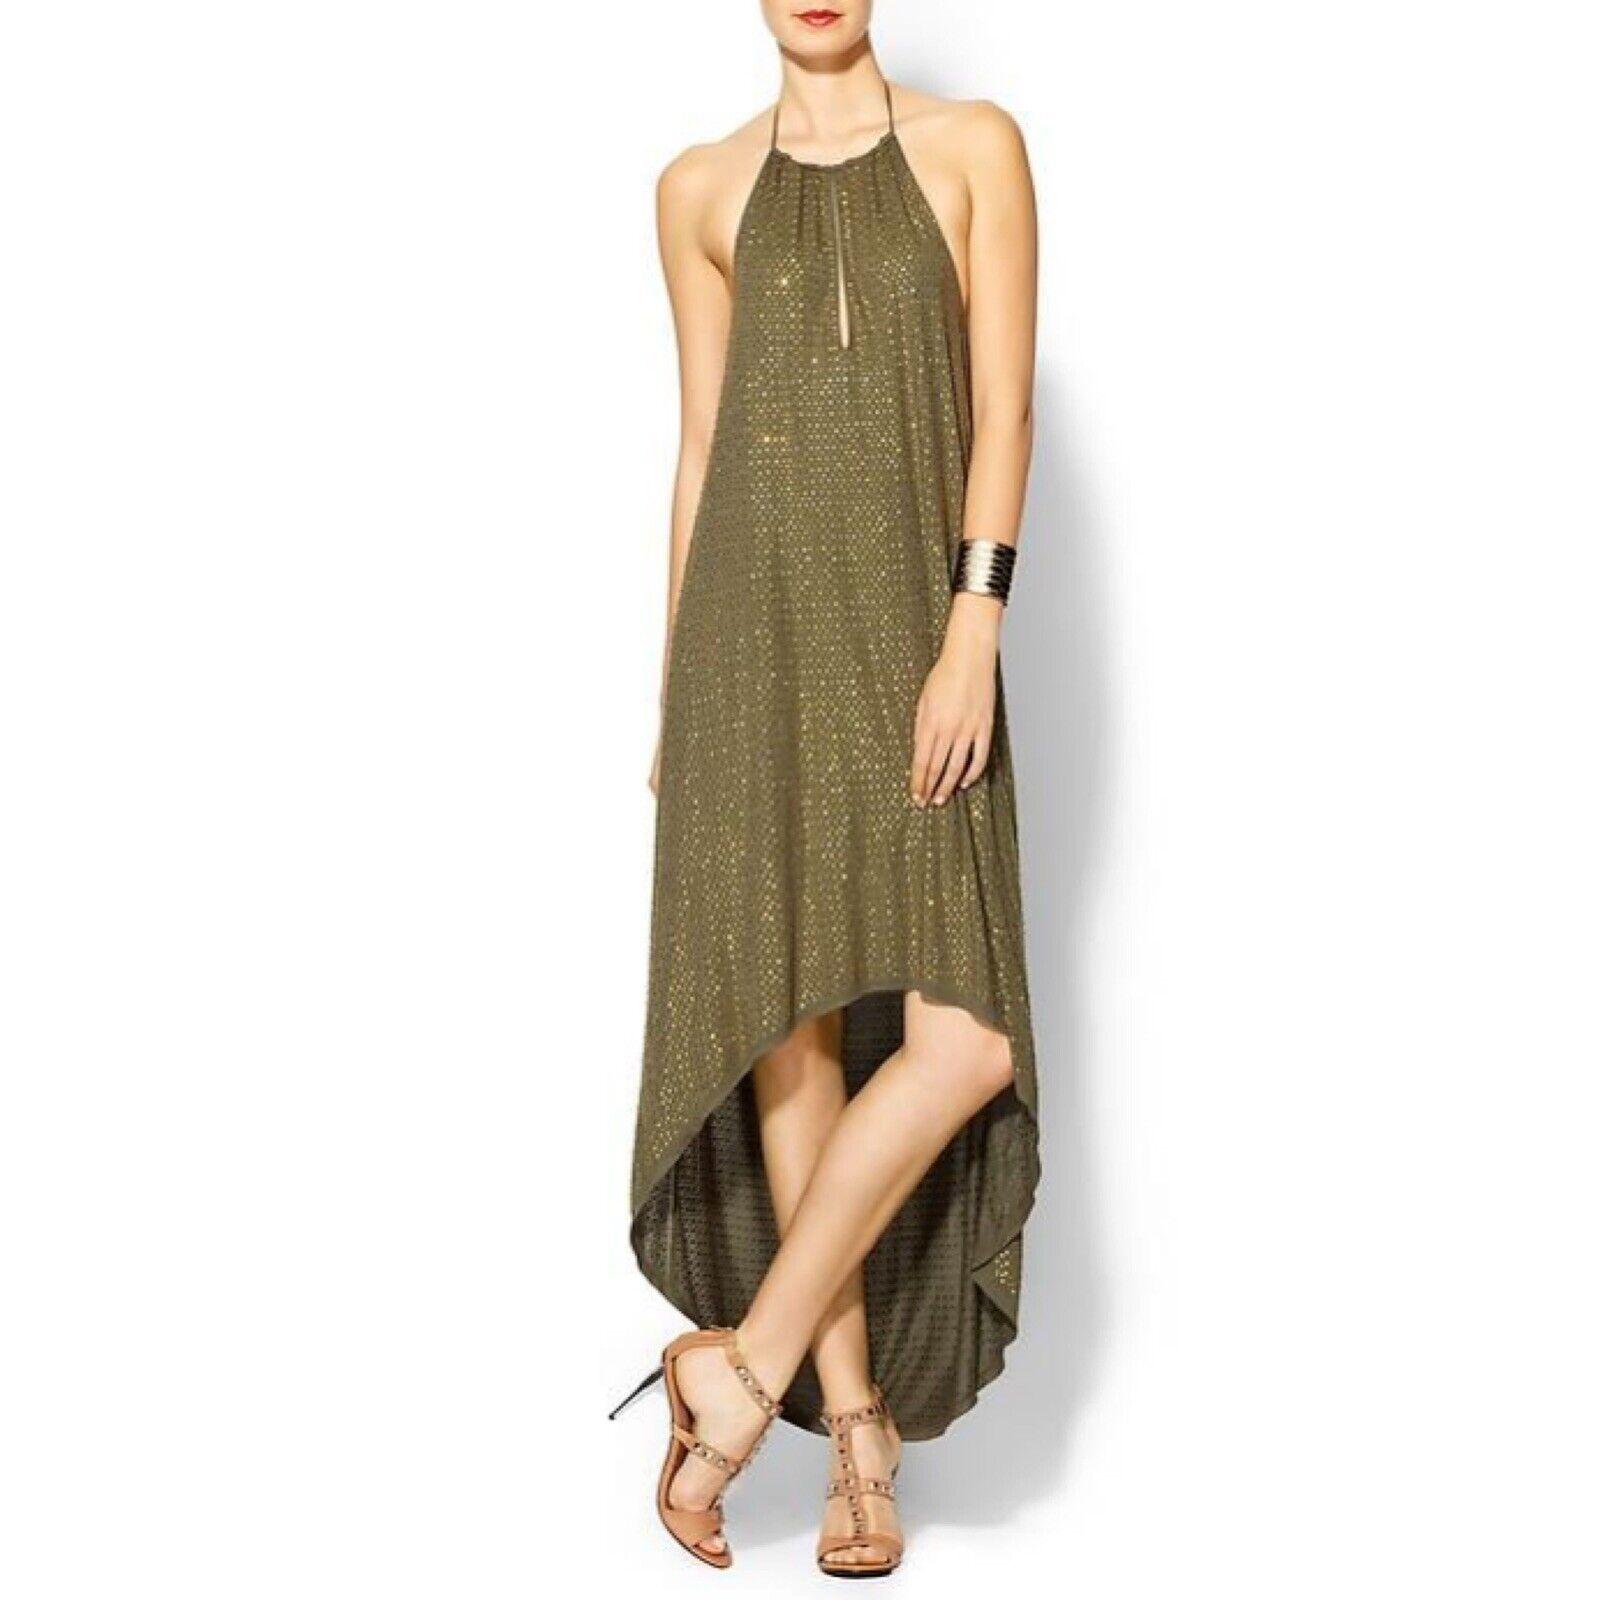 Haute Hippie  495 SMALL, embellished guld Rhinestone High Halter grön Dress